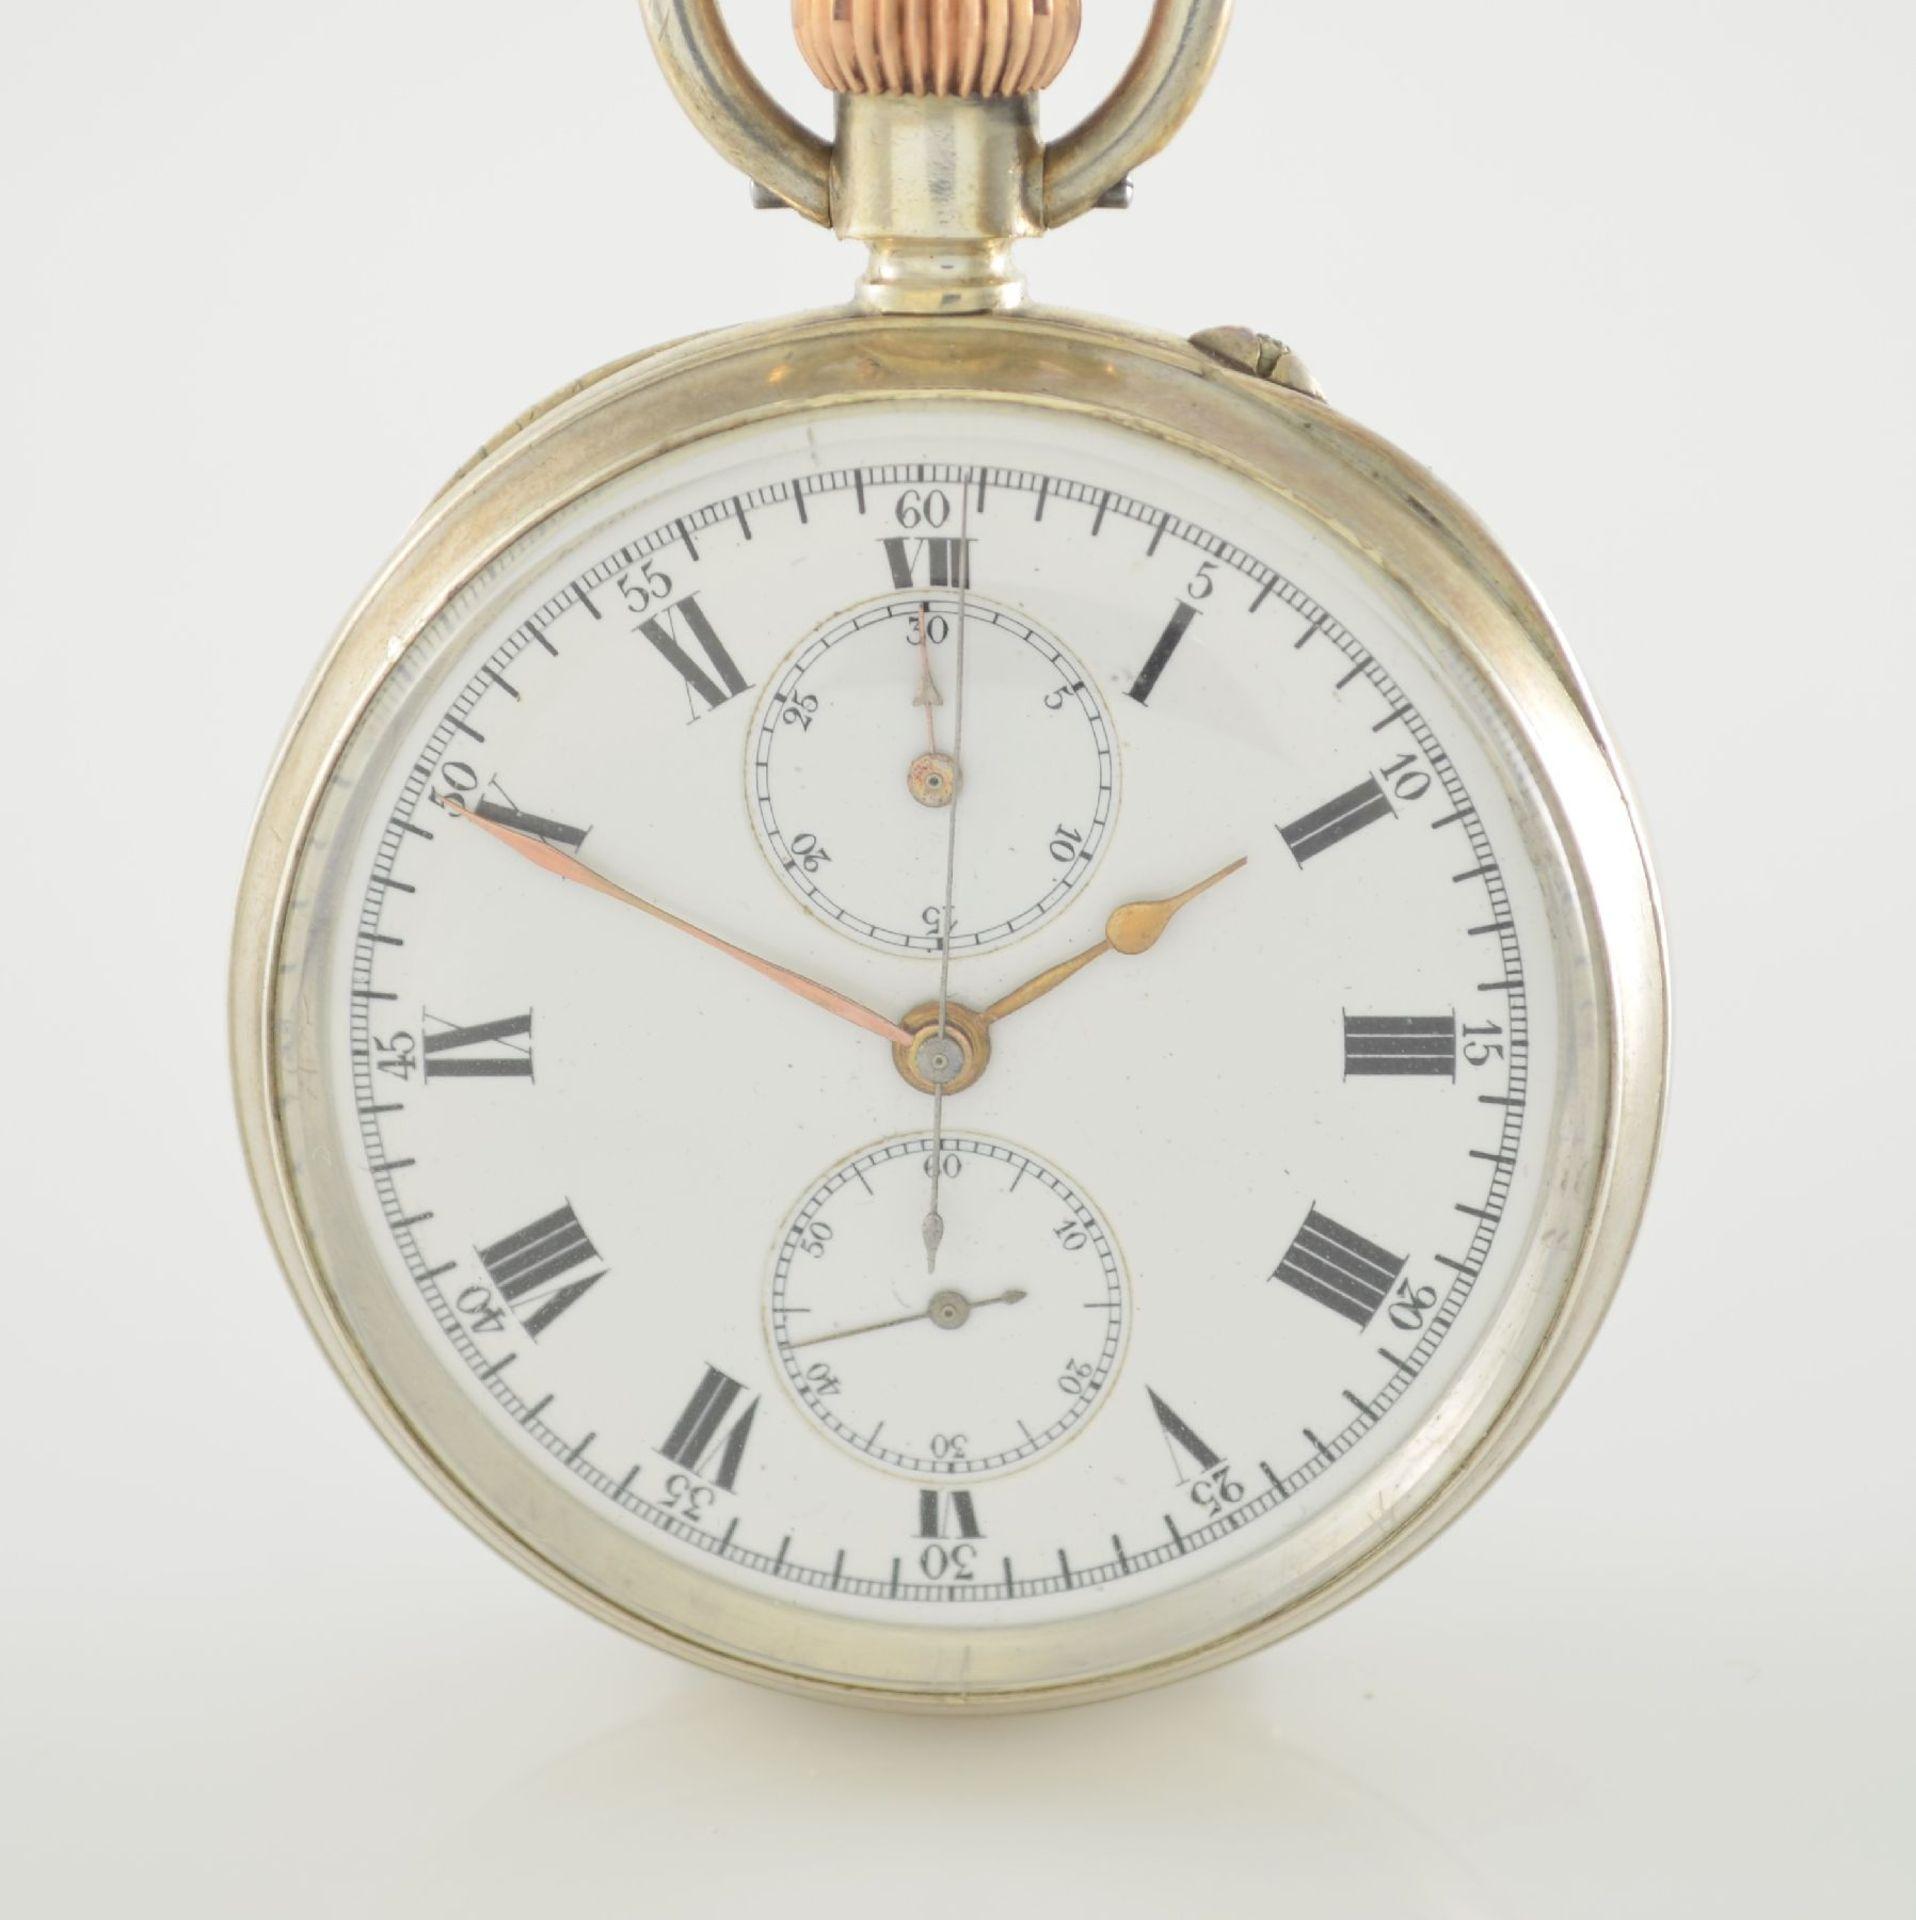 LONGINES offene Silbertaschenuhr mit Chronograph, Schweiz lt. Hallmark 1913, glattes Geh. m. - Bild 2 aus 7